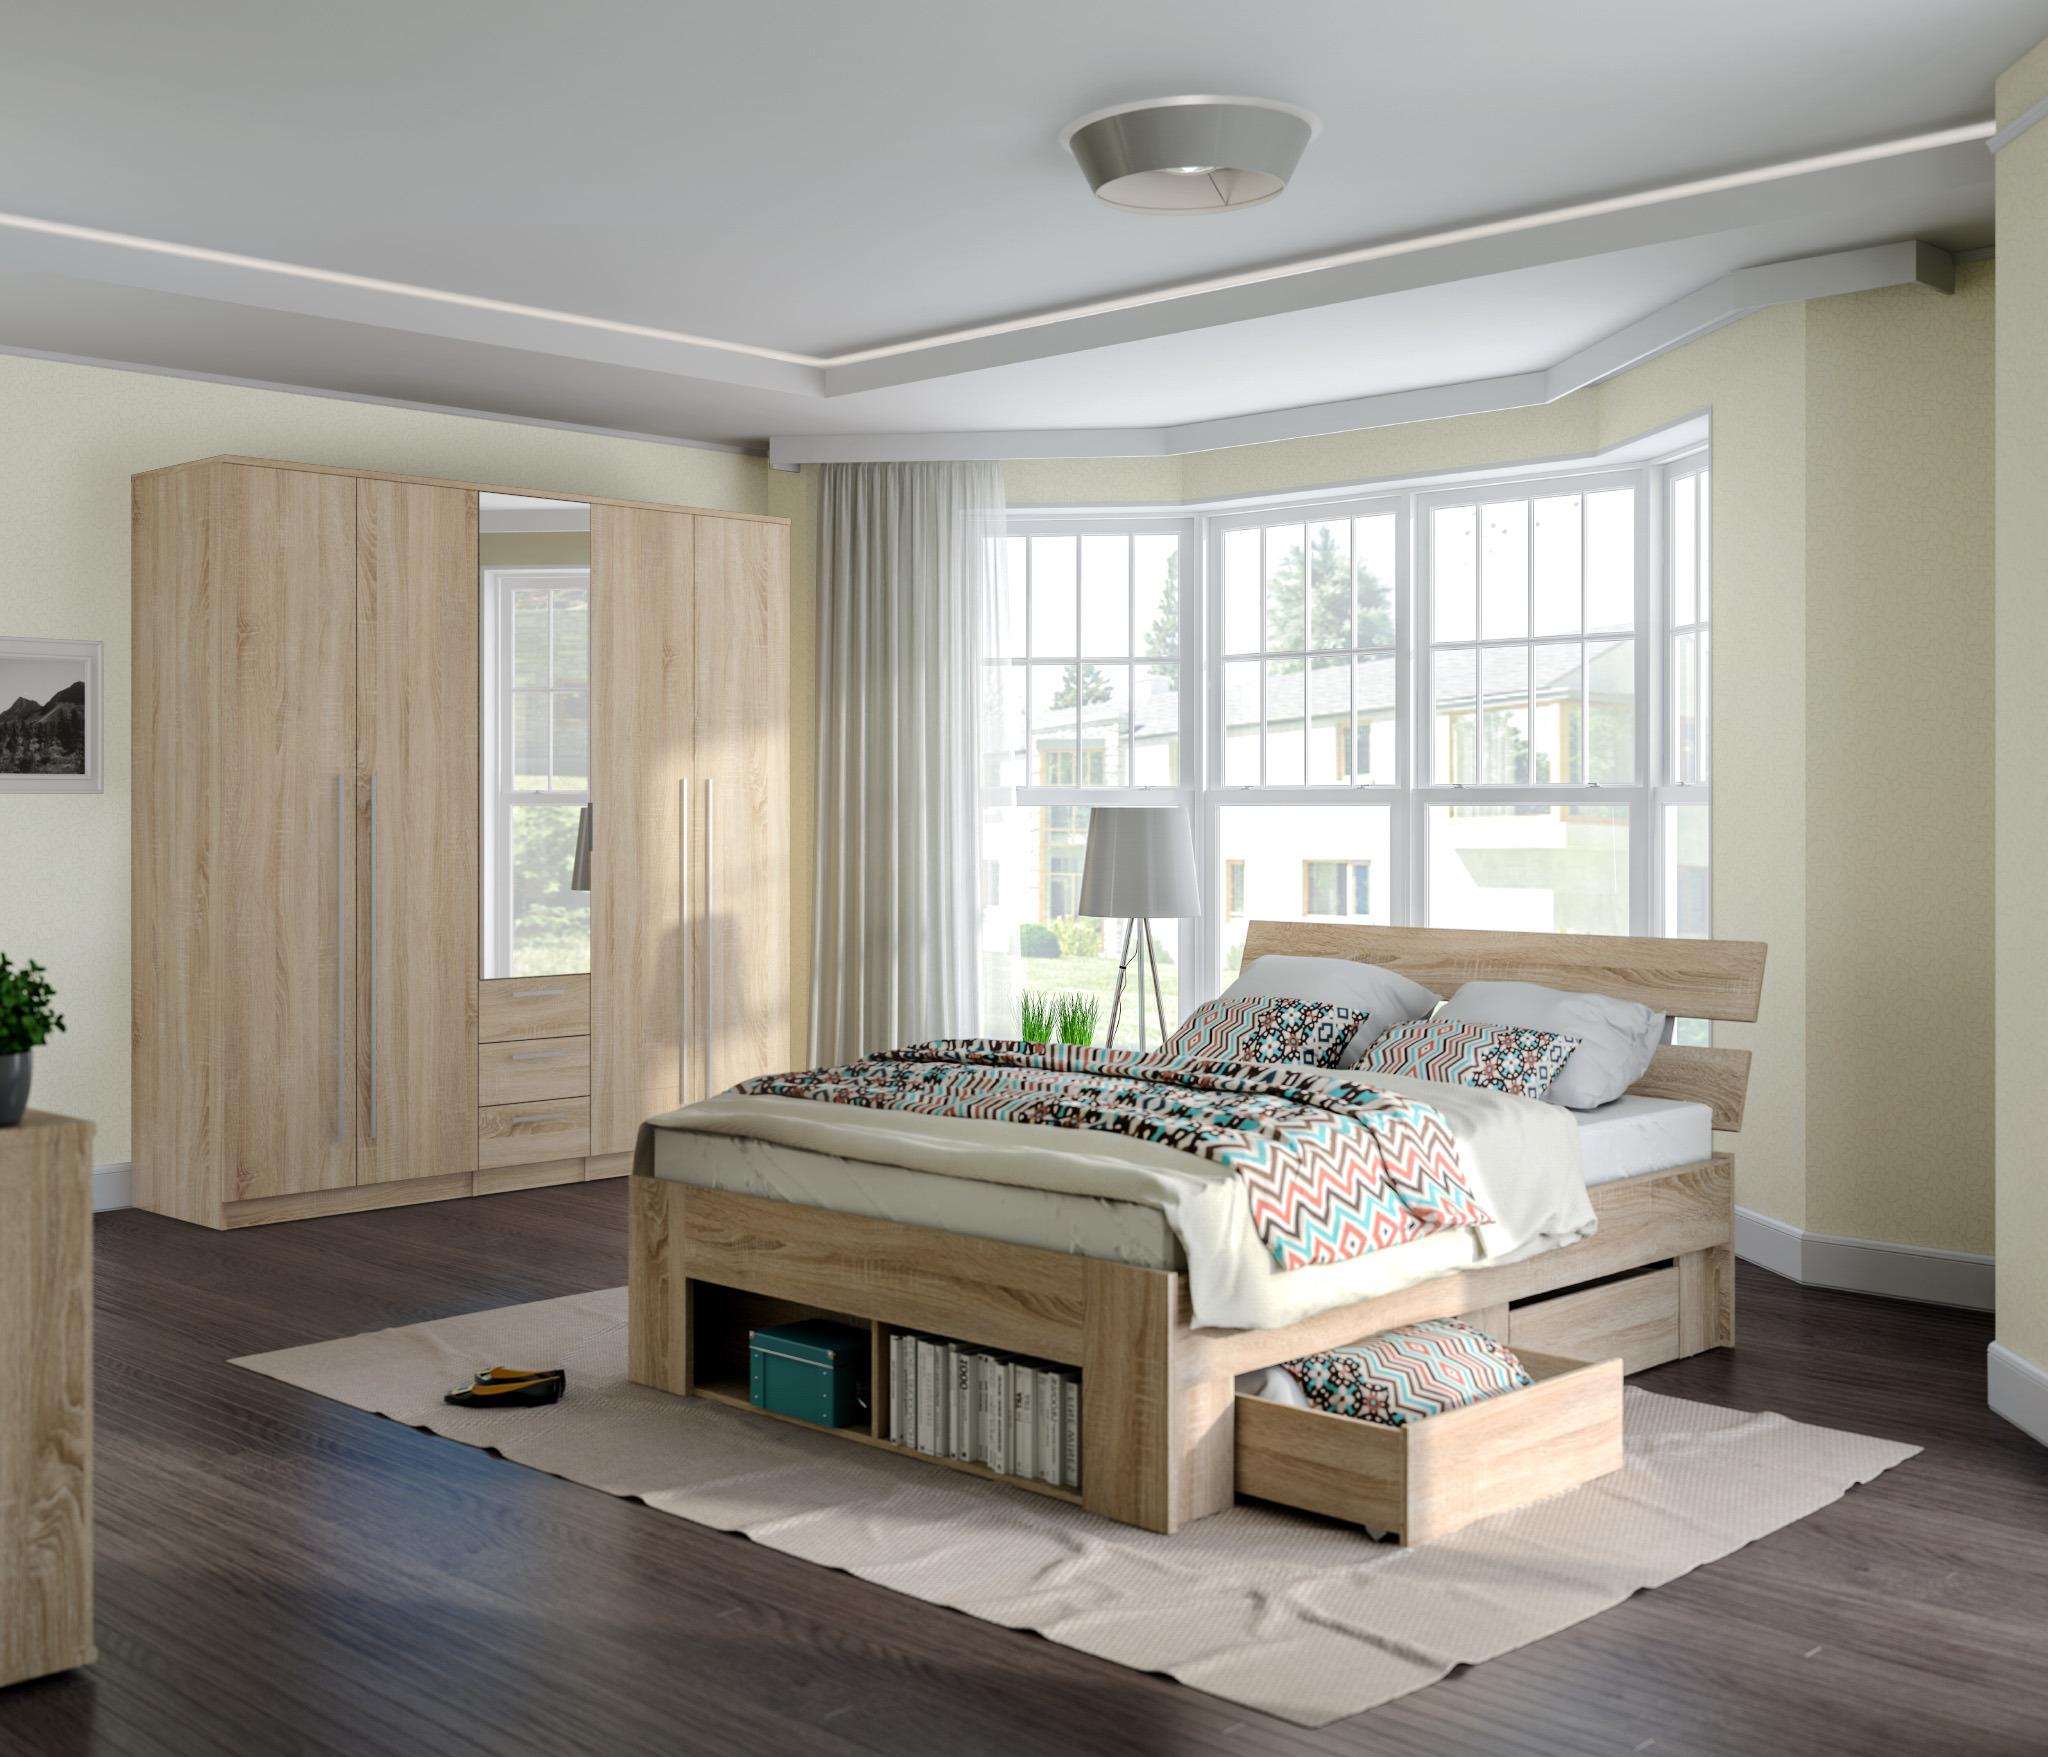 Берлин(Николь) Комплект 4 для спальни (кровать+2ящ+шк Николь 5дв)Спальные гарнитуры<br><br><br>Длина мм: 0<br>Высота мм: 0<br>Глубина мм: 0